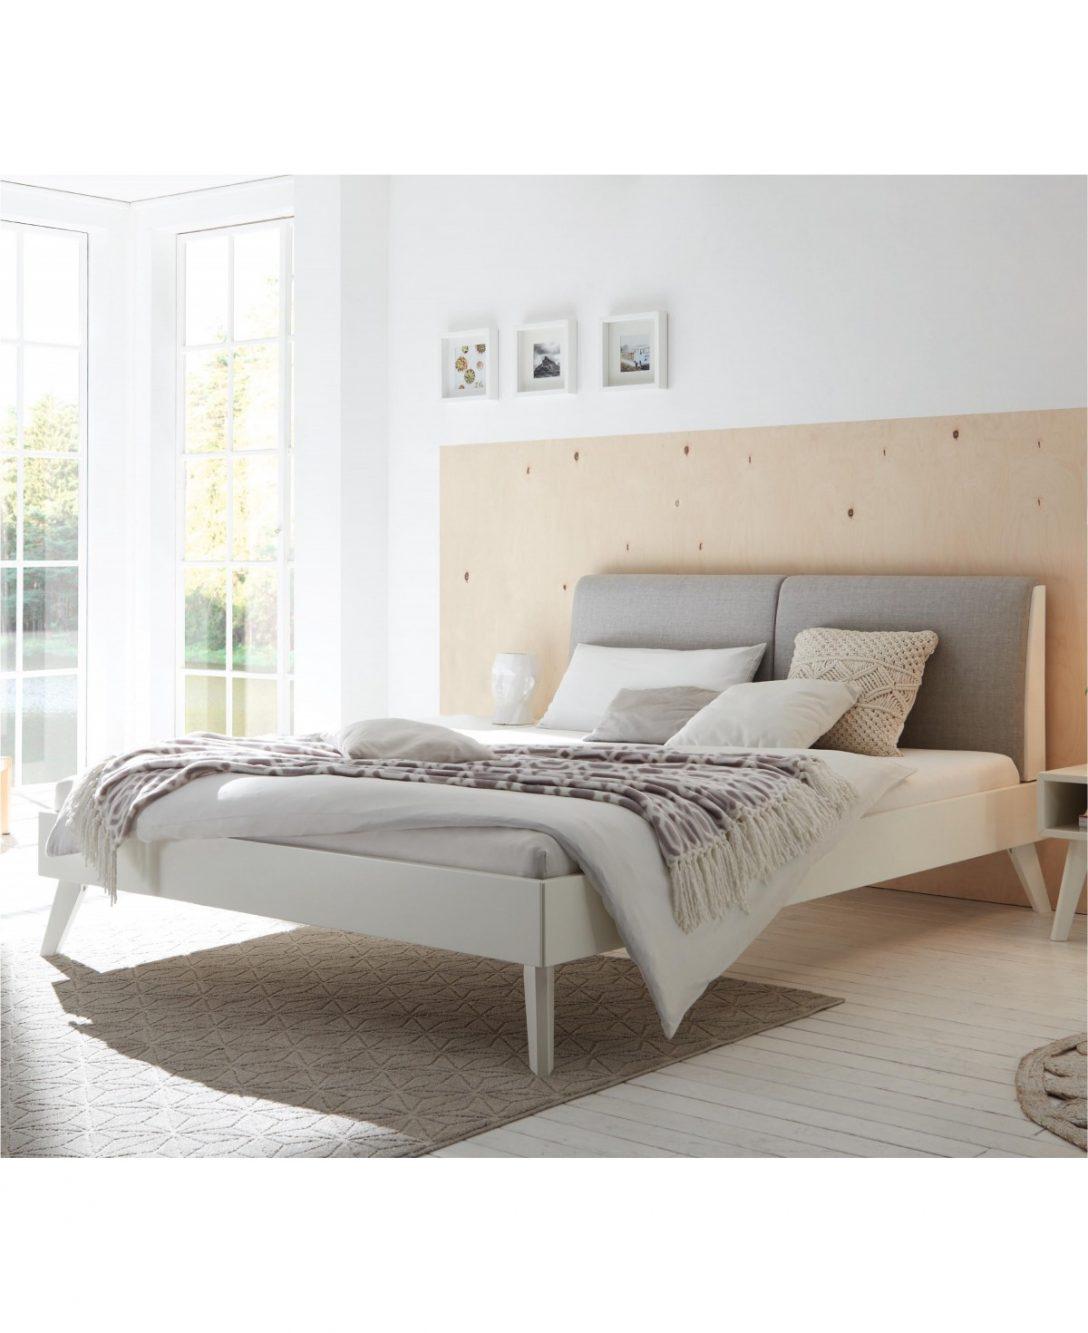 Full Size of Ikea Hemnes Bett 160x200 Grau Oschmann Betten 90x200 Mit Aufbewahrung Massivholz 180x200 Prinzessinen 190x90 Meise Wohnwert Kleinkind 140 Ruf Preise Wohnzimmer Ikea Hemnes Bett 160x200 Grau